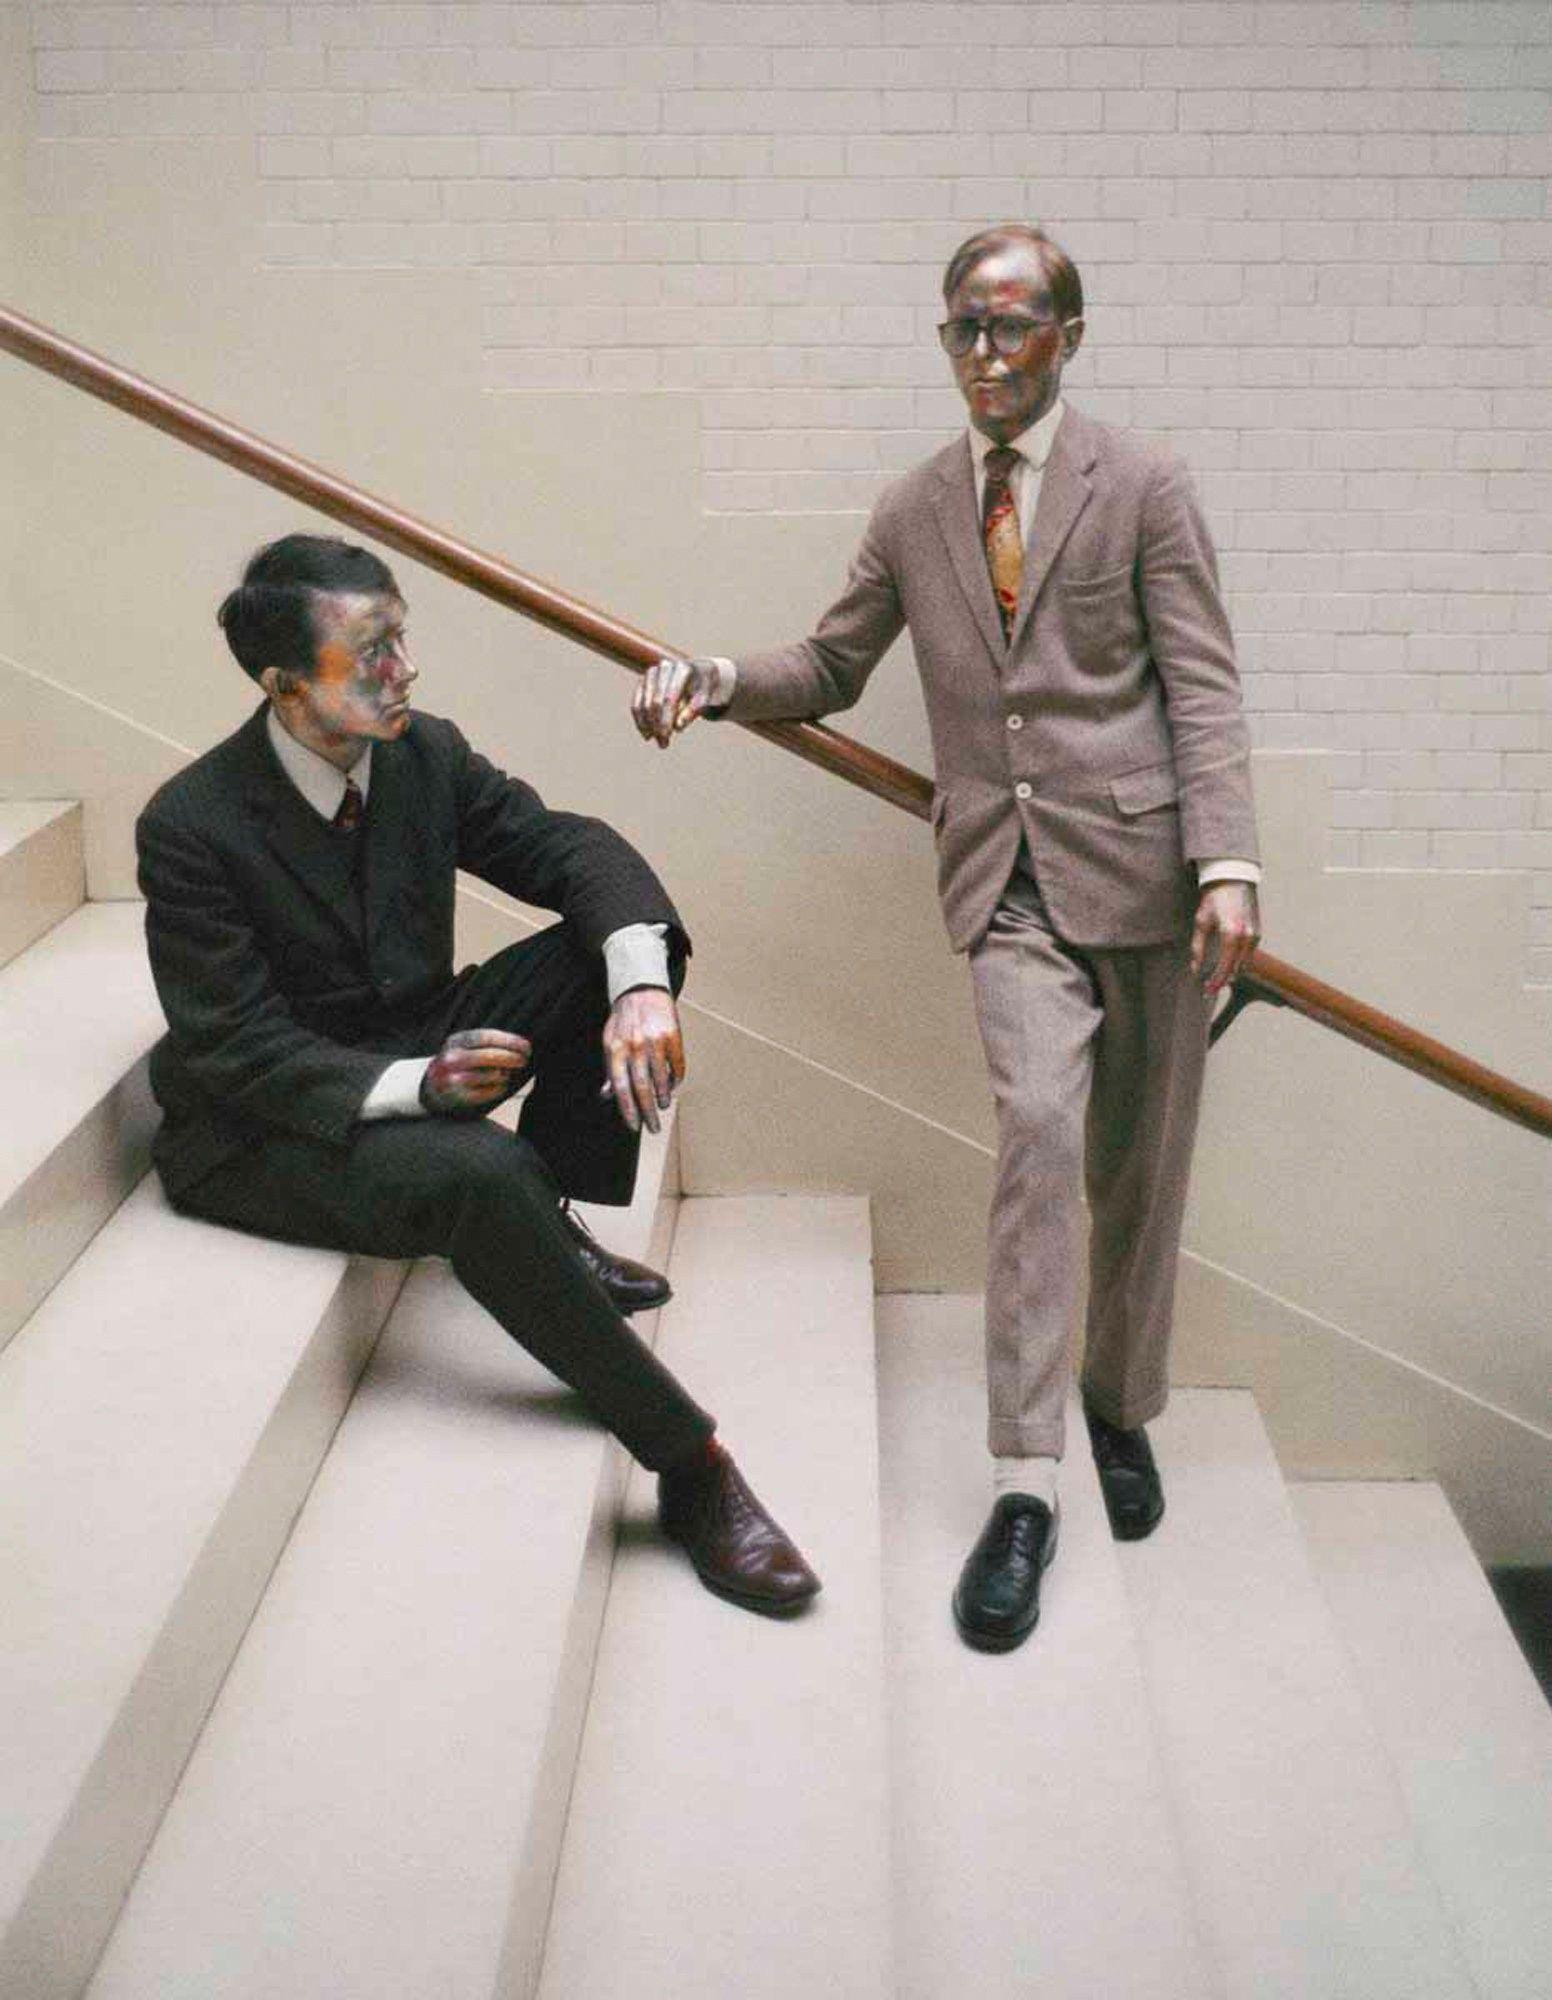 Gilbert And George Living Sculpture Stedelijk Museum 15 November 1969 Ad Petersen Gilbert George Performance Art Artist At Work